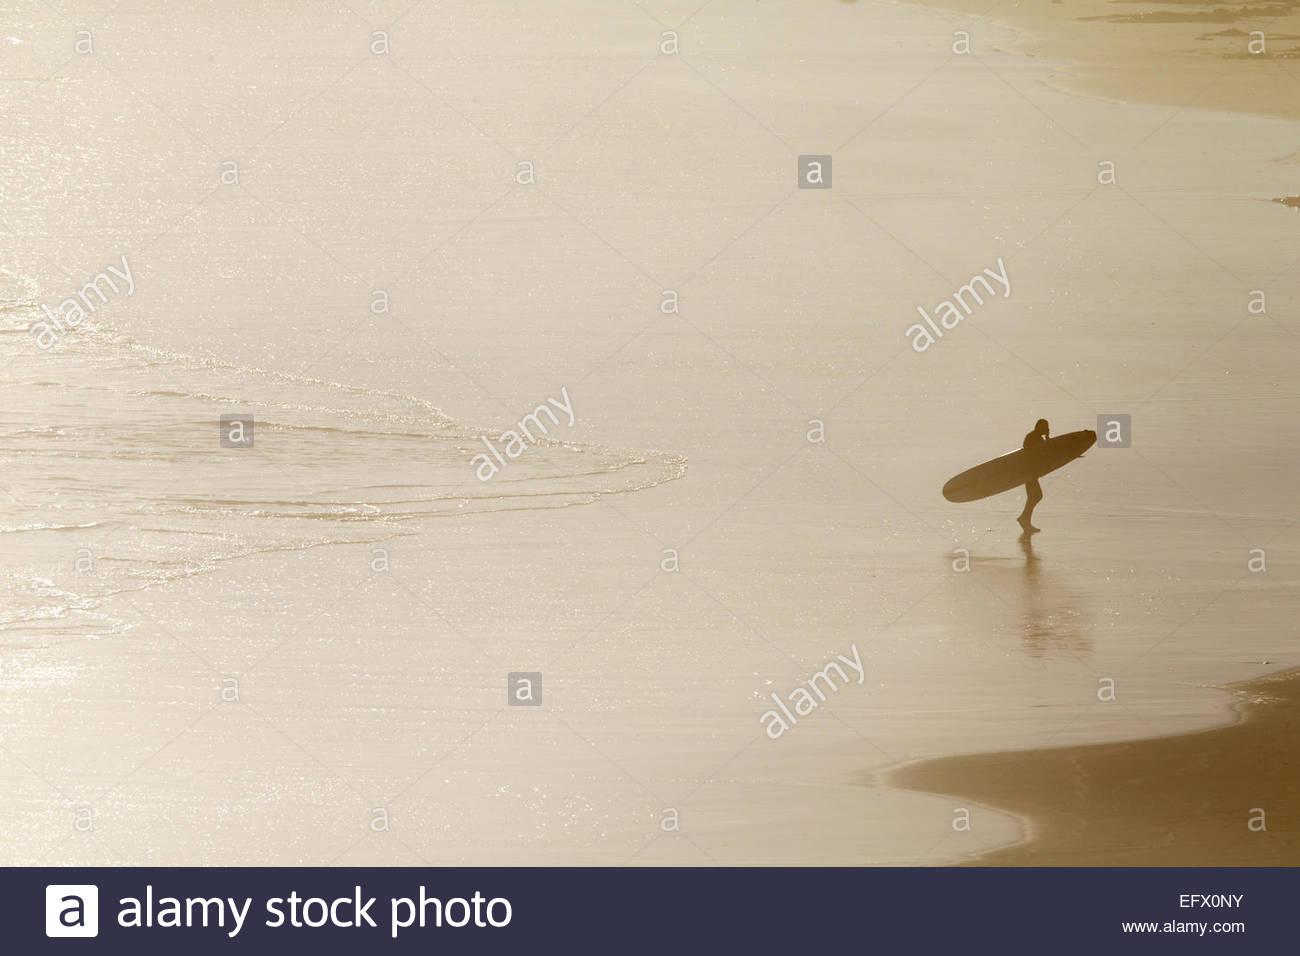 Surfer portante della tavola da surf, passeggiate lungo la spiaggia dal mare Immagini Stock